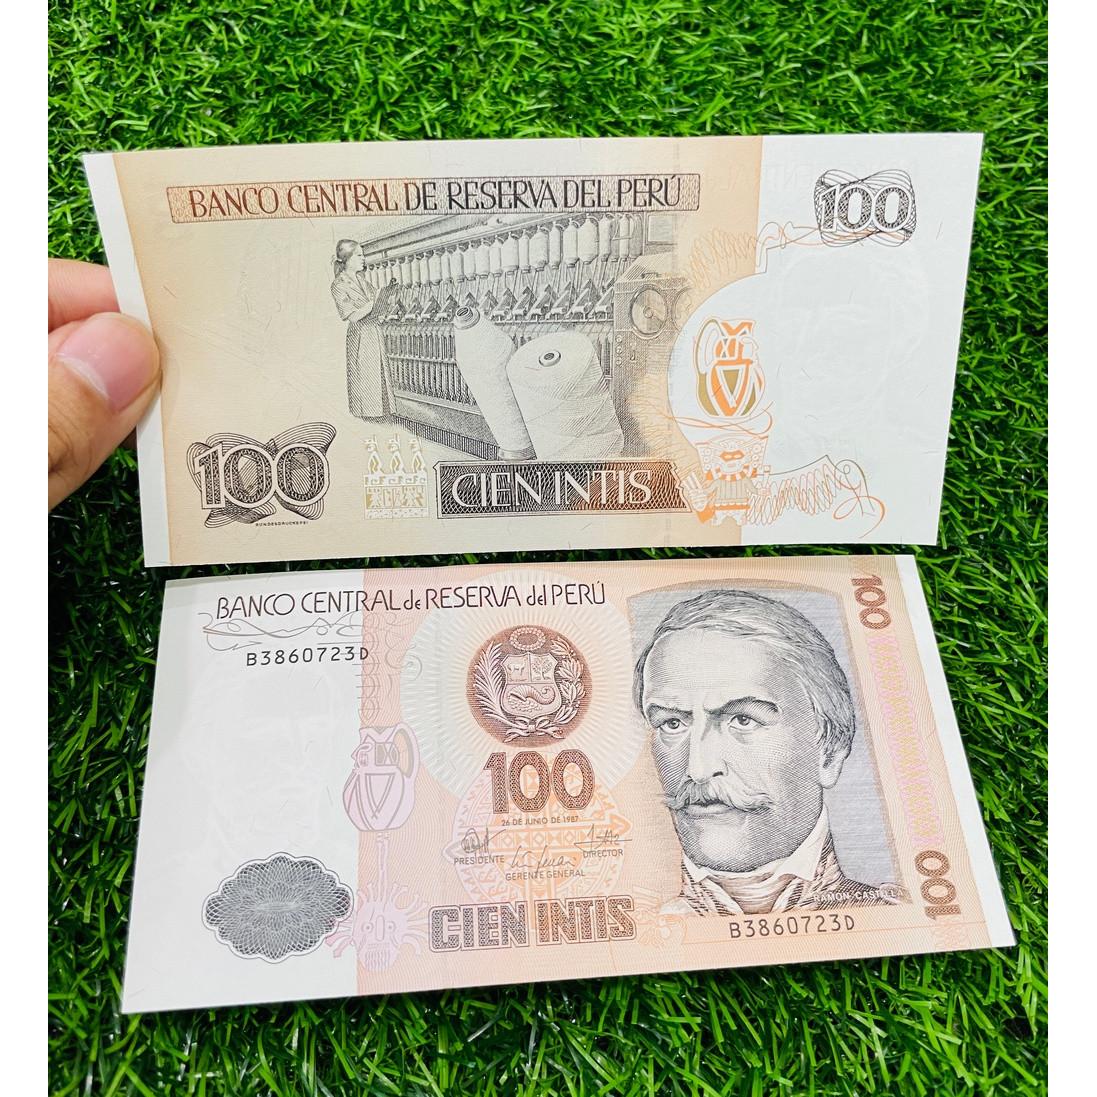 Tiền Peru 100 Intis xưa 1988, ở Nam Mỹ, mới 100% UNC, tặng túi nilon bảo quản The Merrick Mint